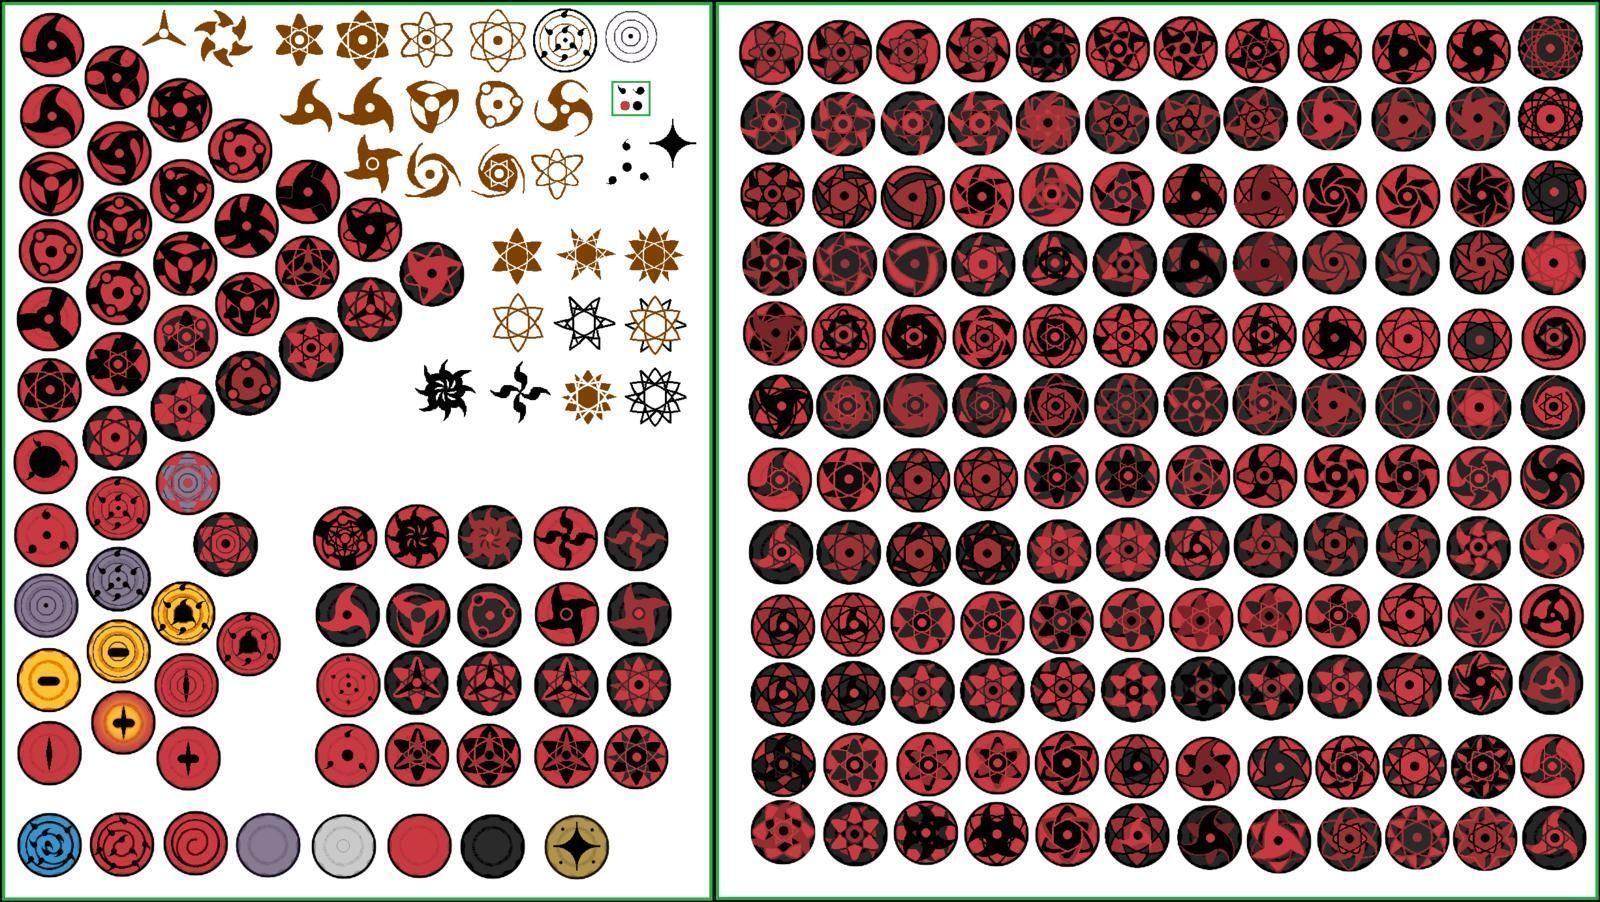 Madara Uchiha Eternal Mangekyou Sharingan Wallpapers